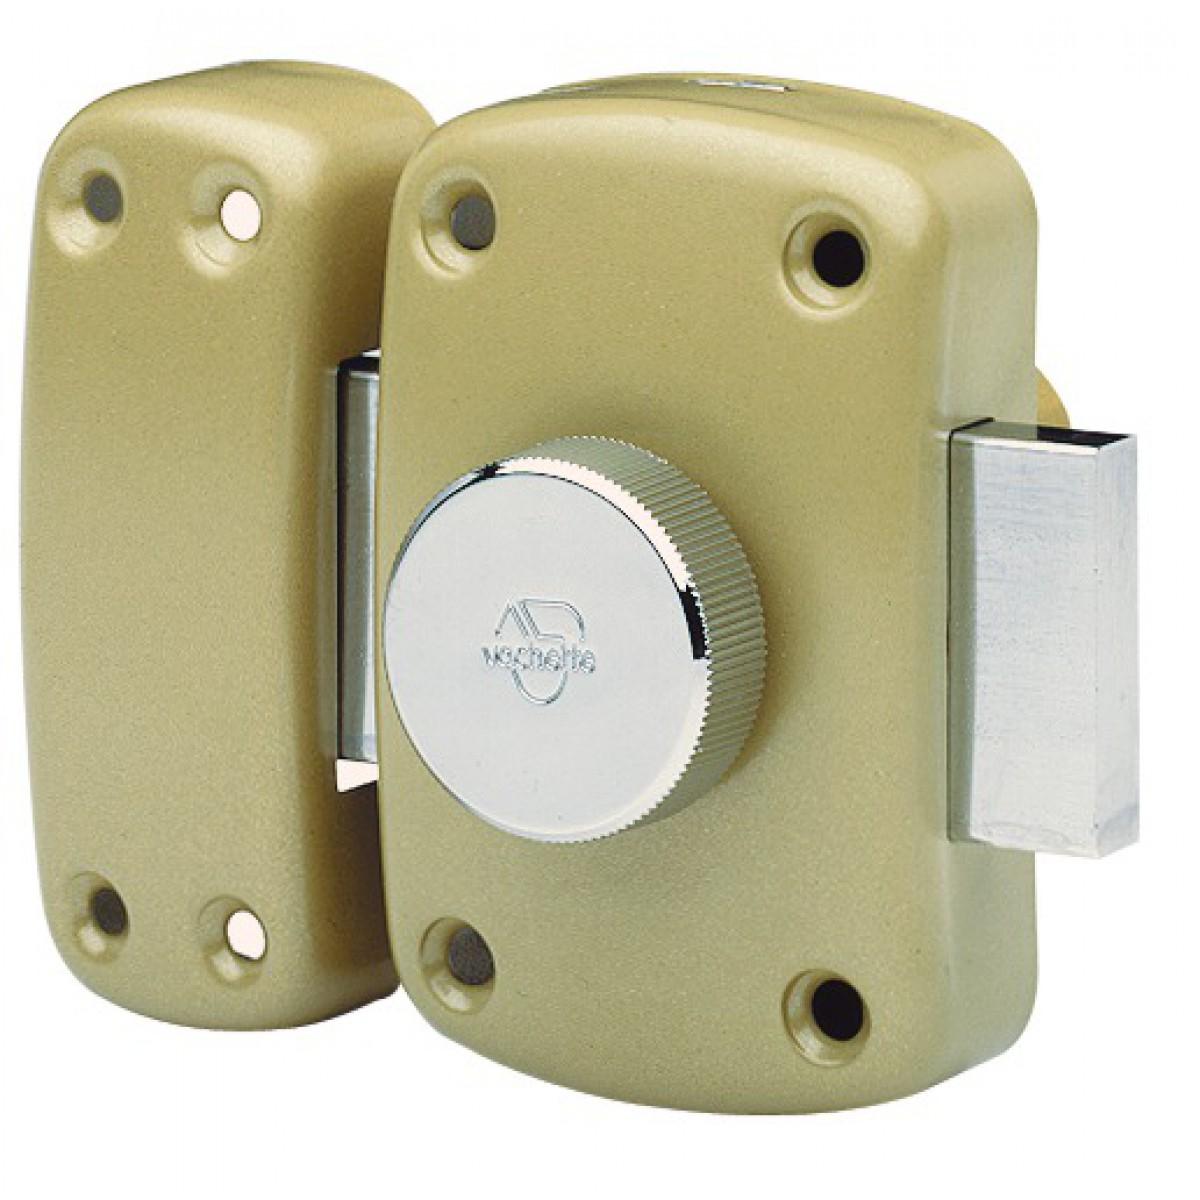 Verrou de sureté bouton et cylindre série Cyclop Vachette - Bronze - Longueur 45 mm